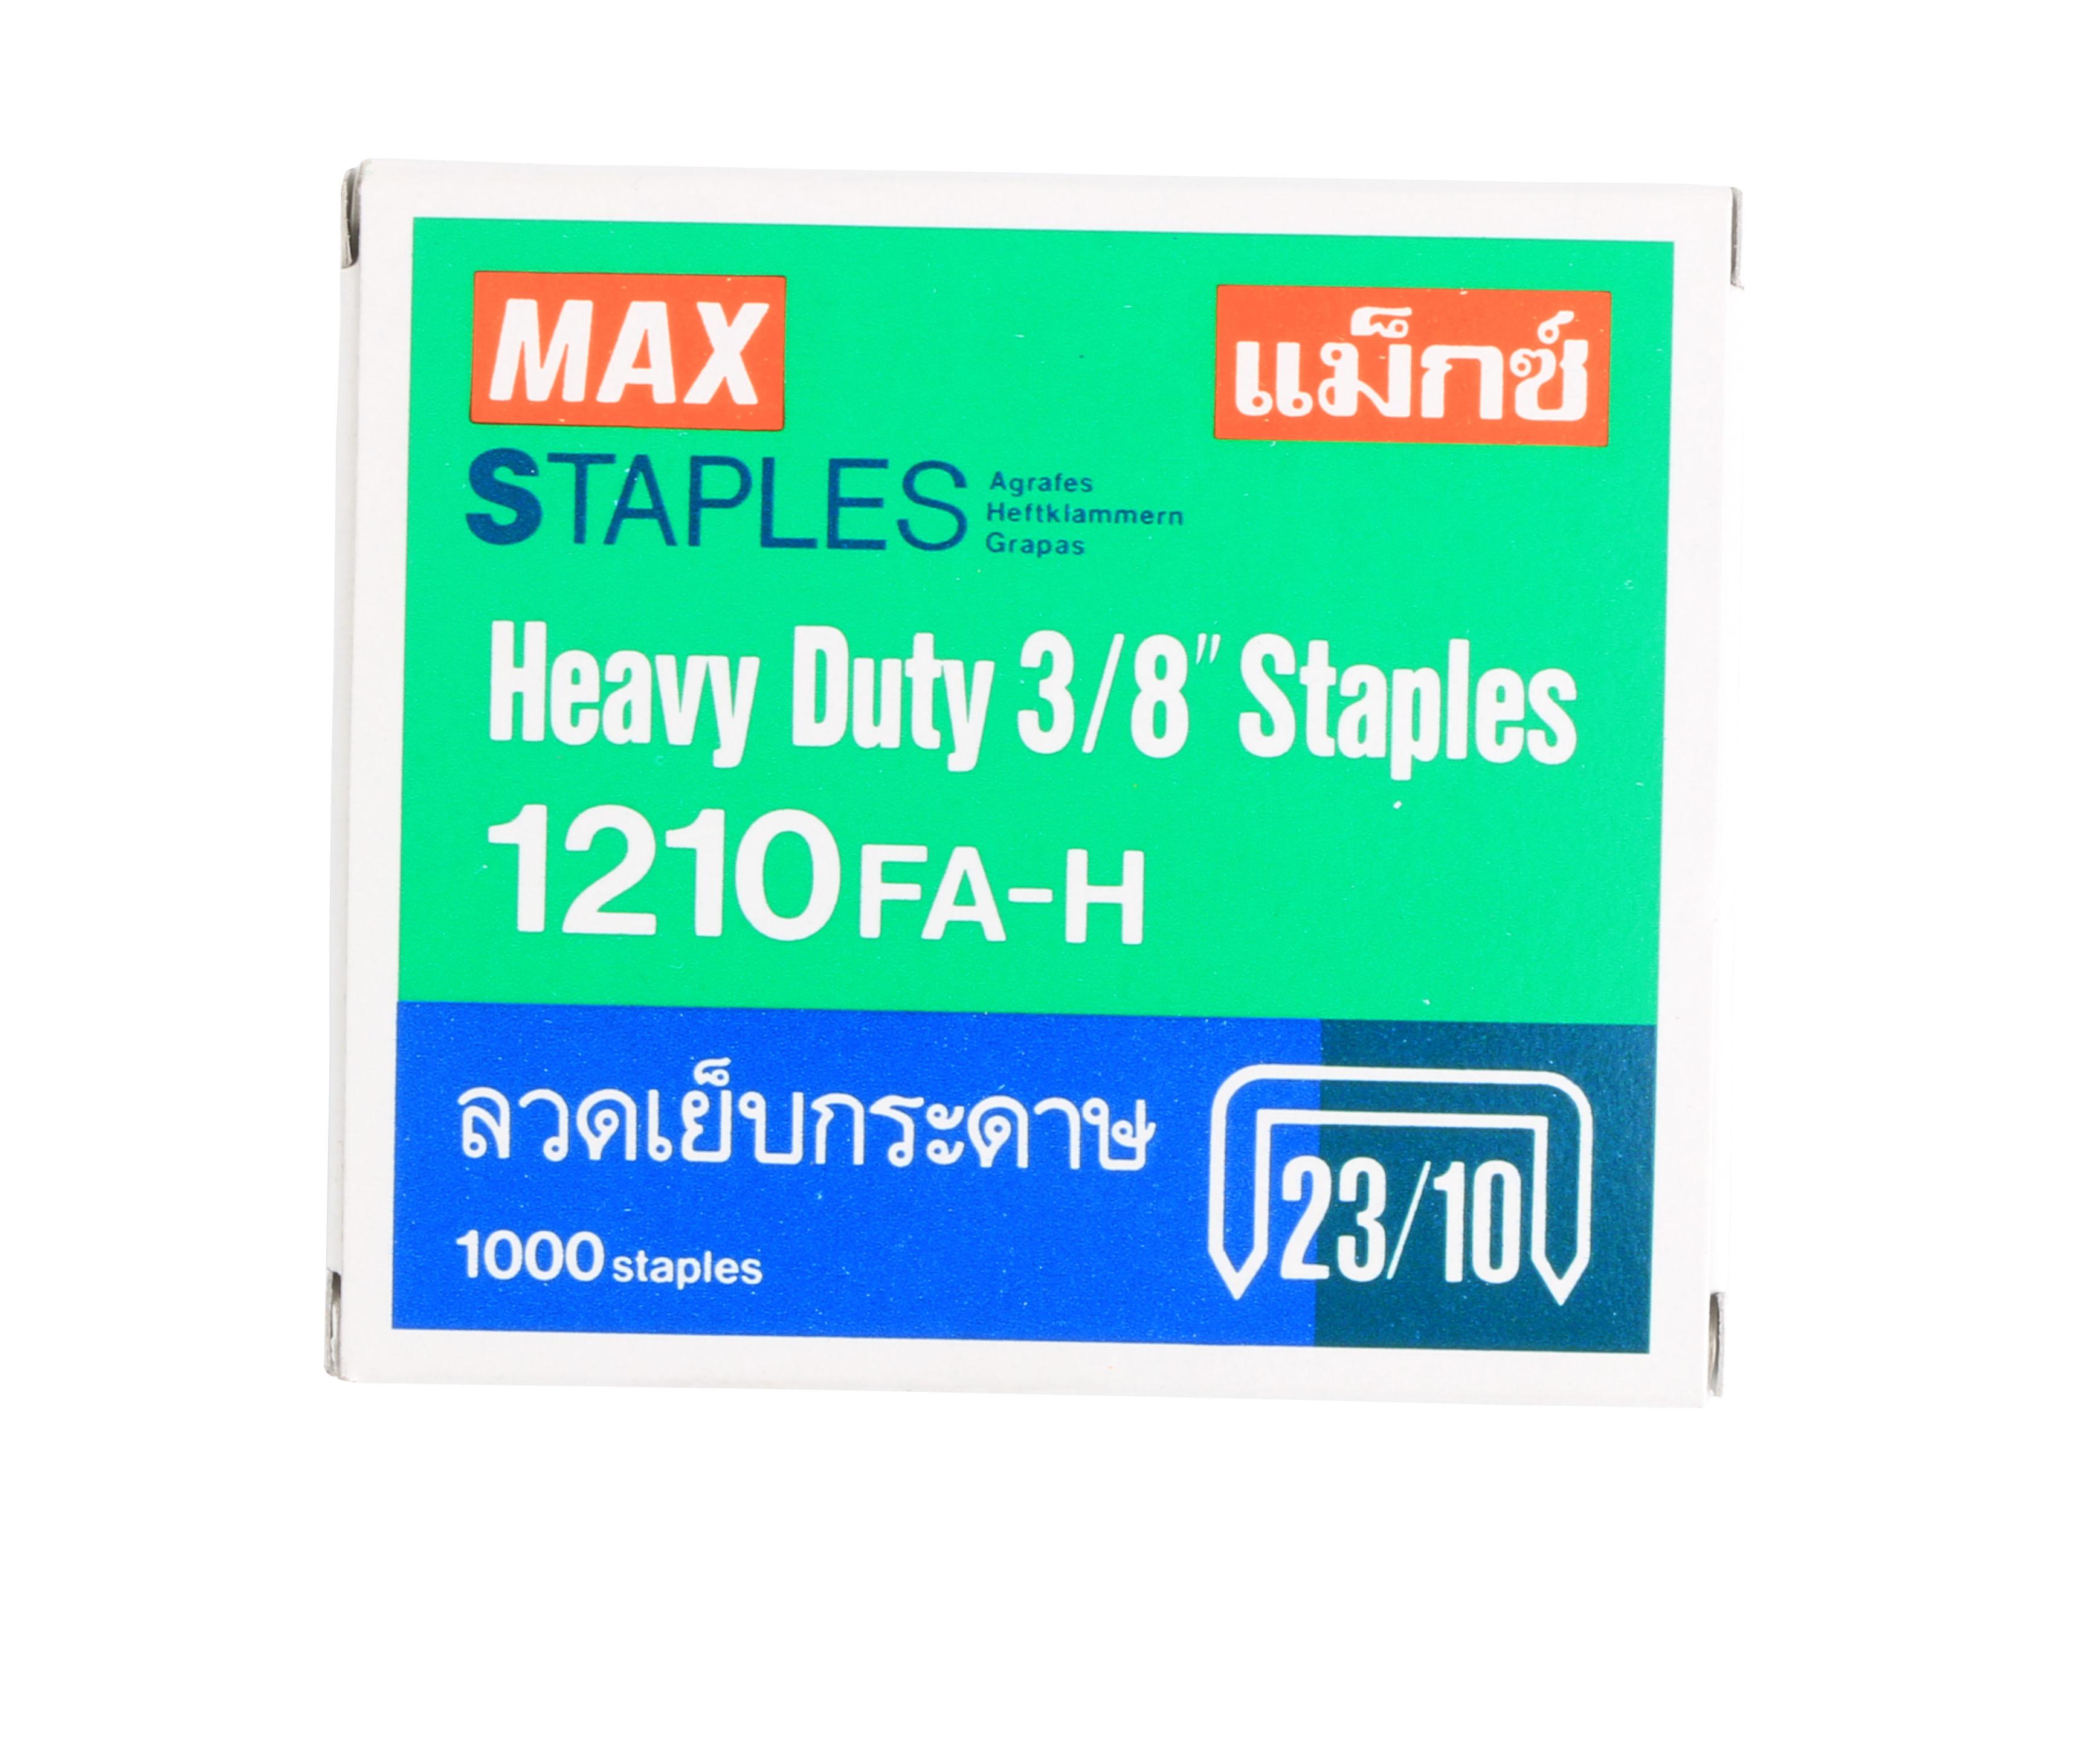 ลวดเย็บ MAX 1210-FA-H